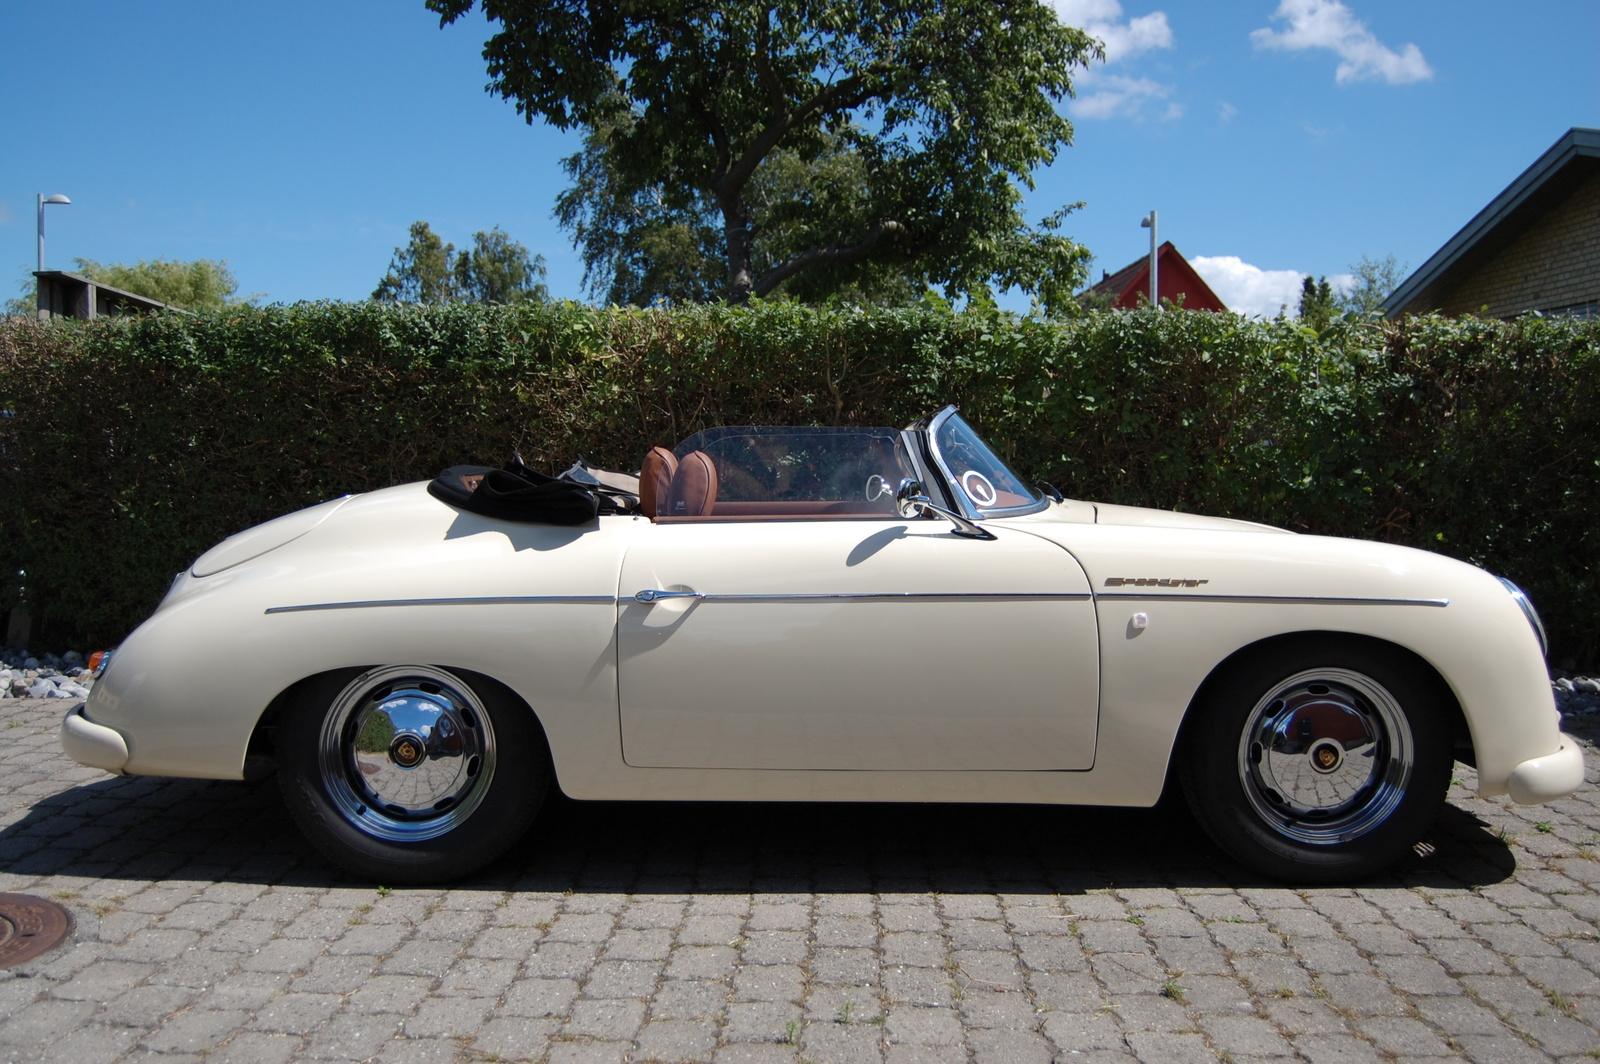 Porsche 356 Photo Porsche Mania